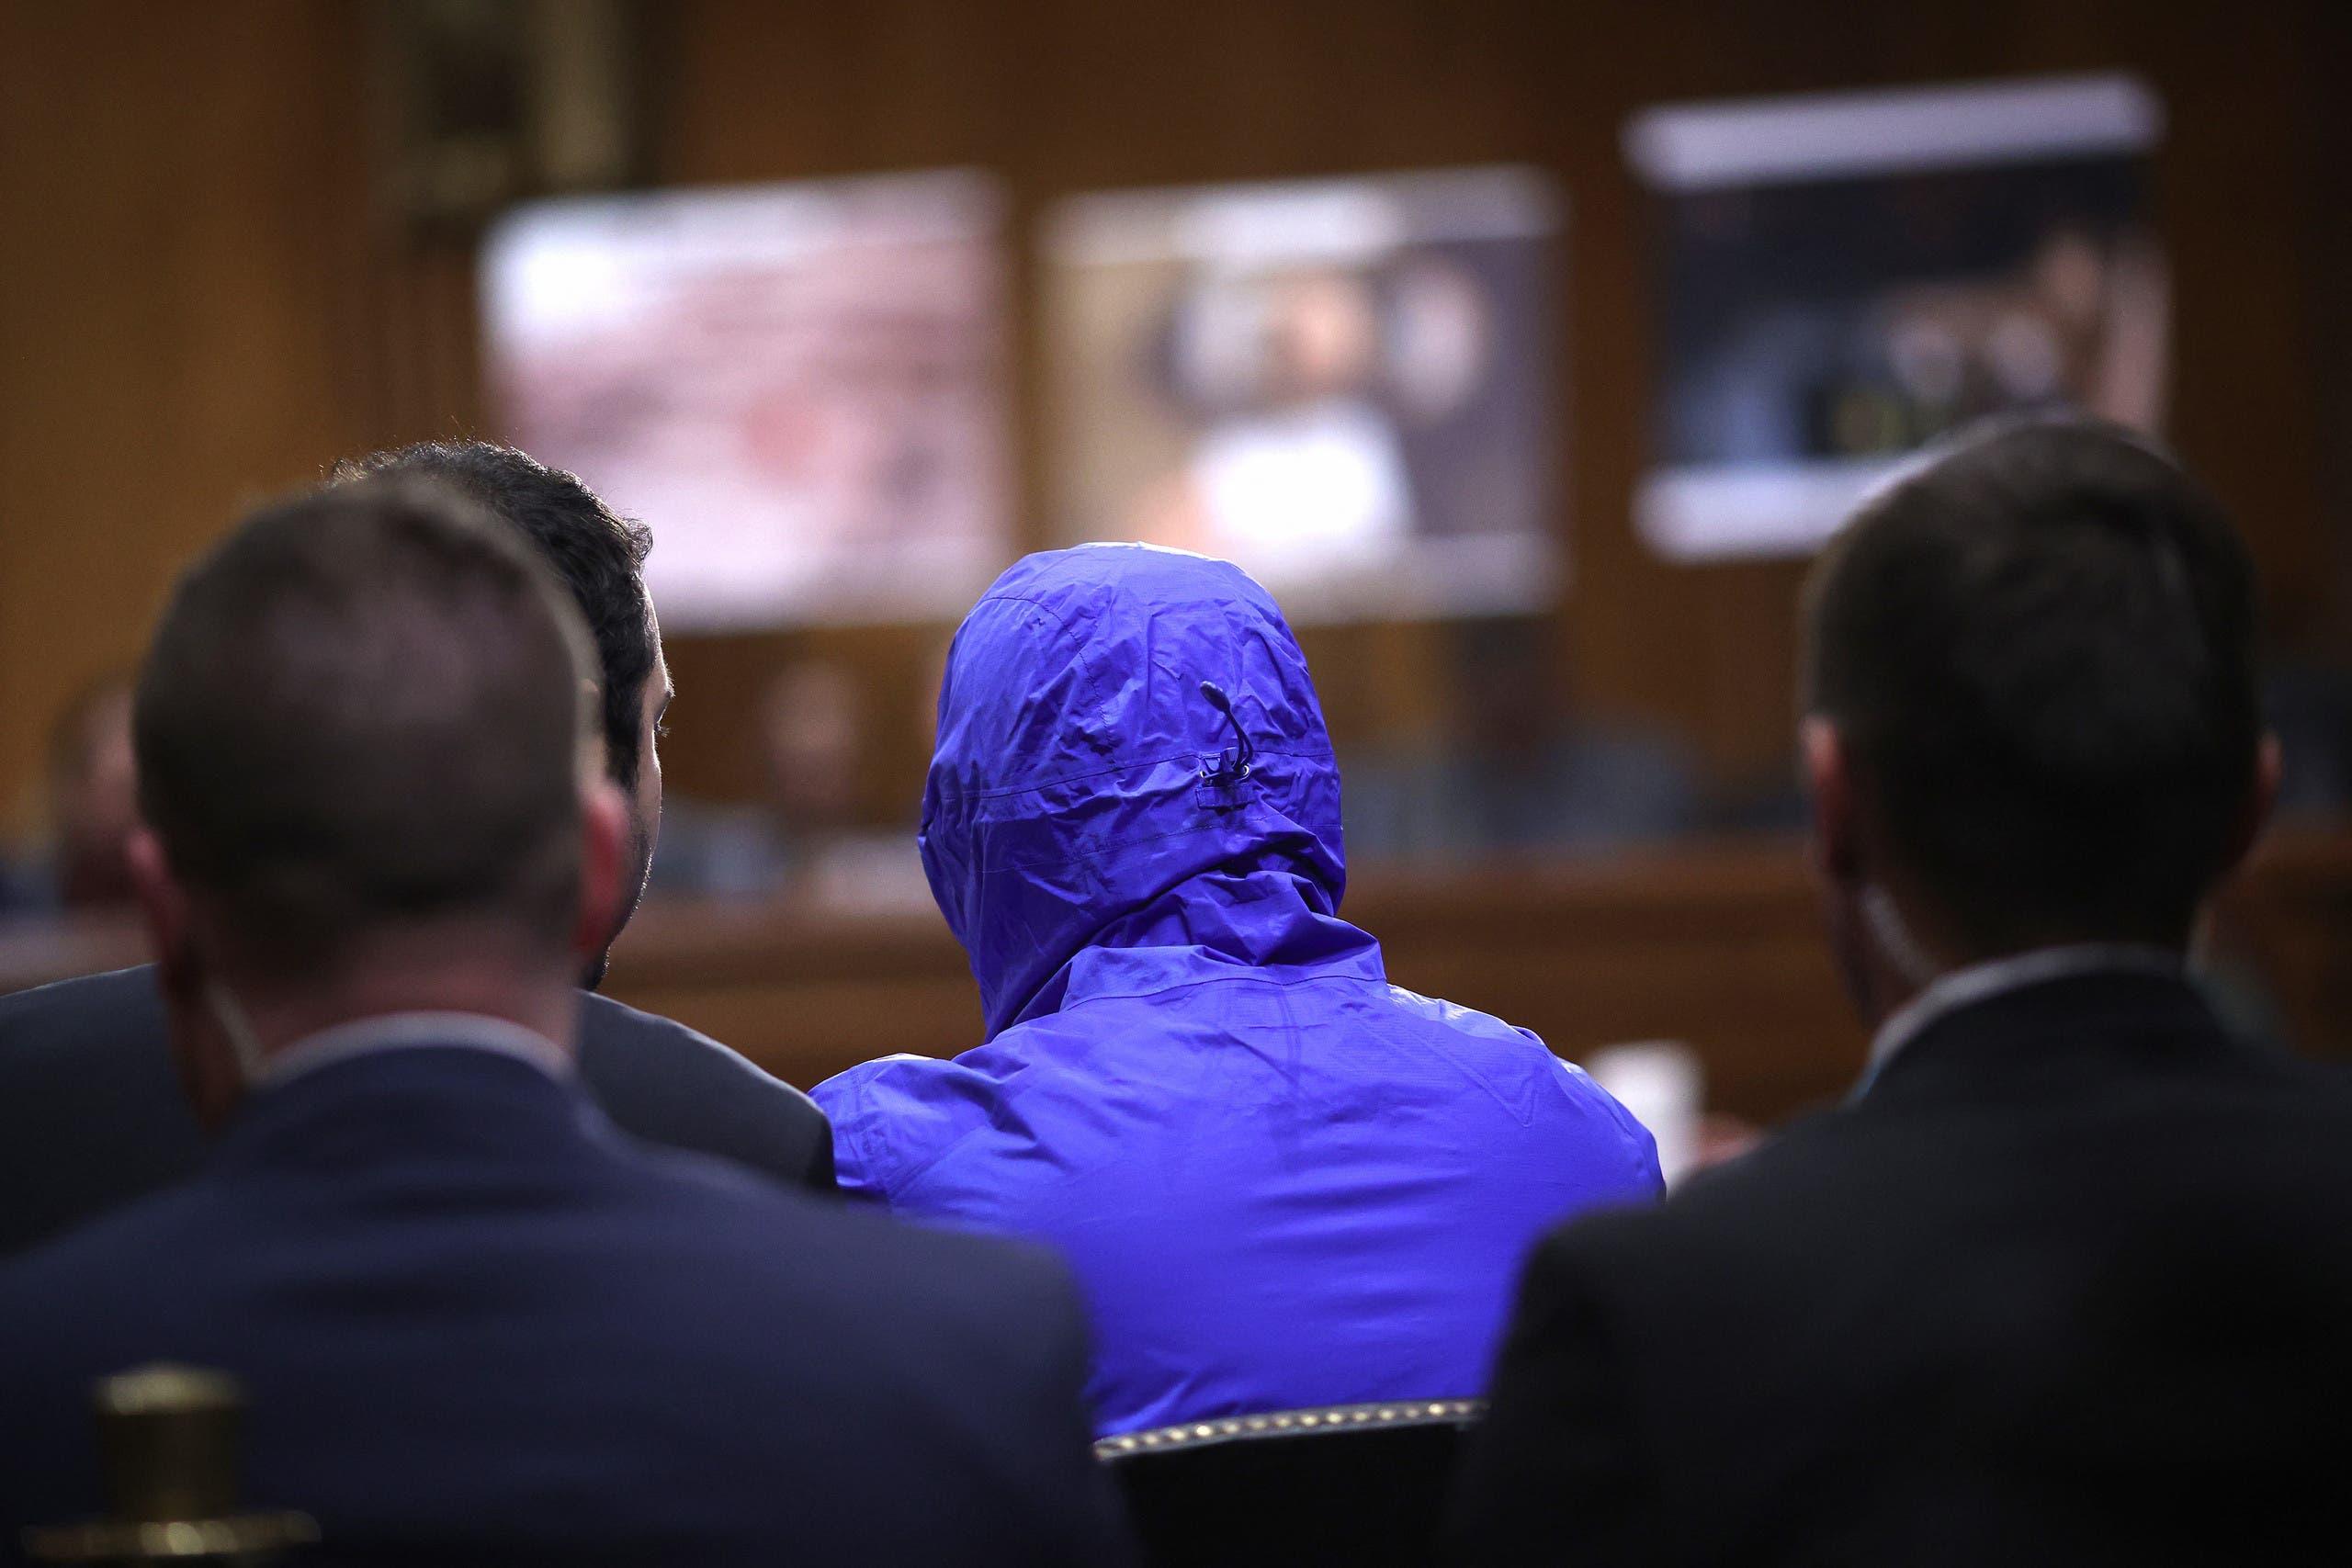 قيصر متخفيّاً بلباسه الأزرق أمام الكونغرس الأميركي